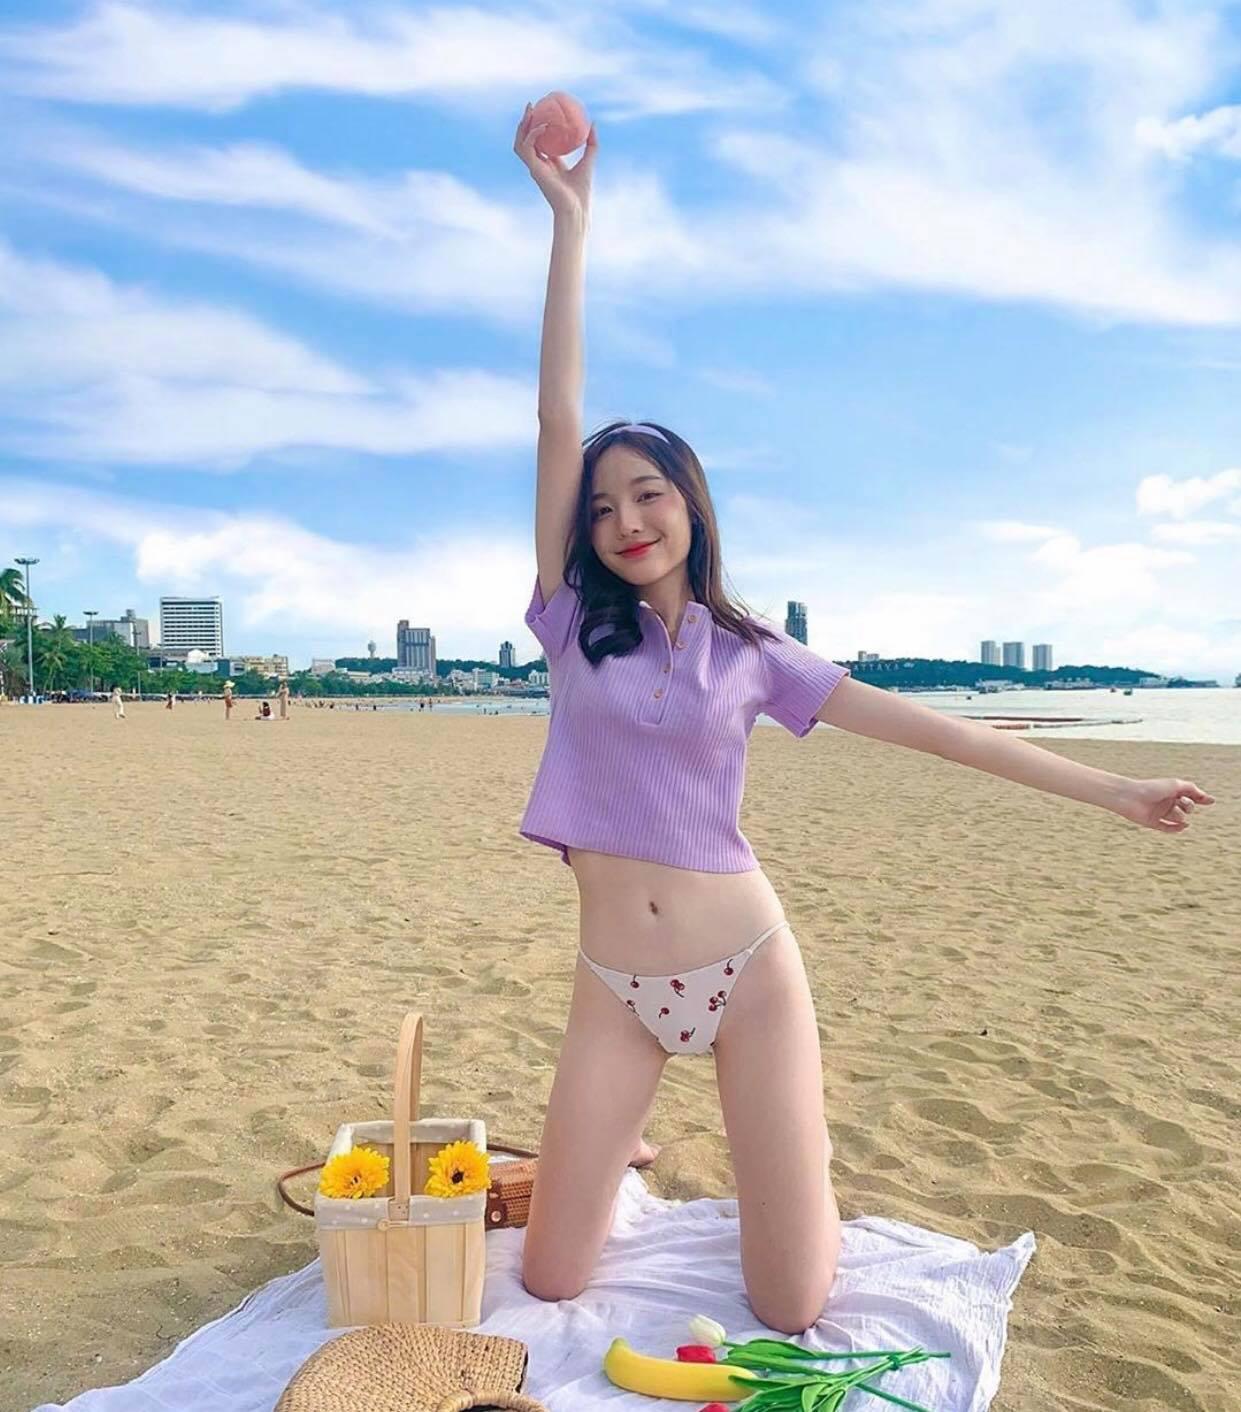 Thiếu nữ châu Á khoe bụng phẳng chân nuột với áo phông - 2